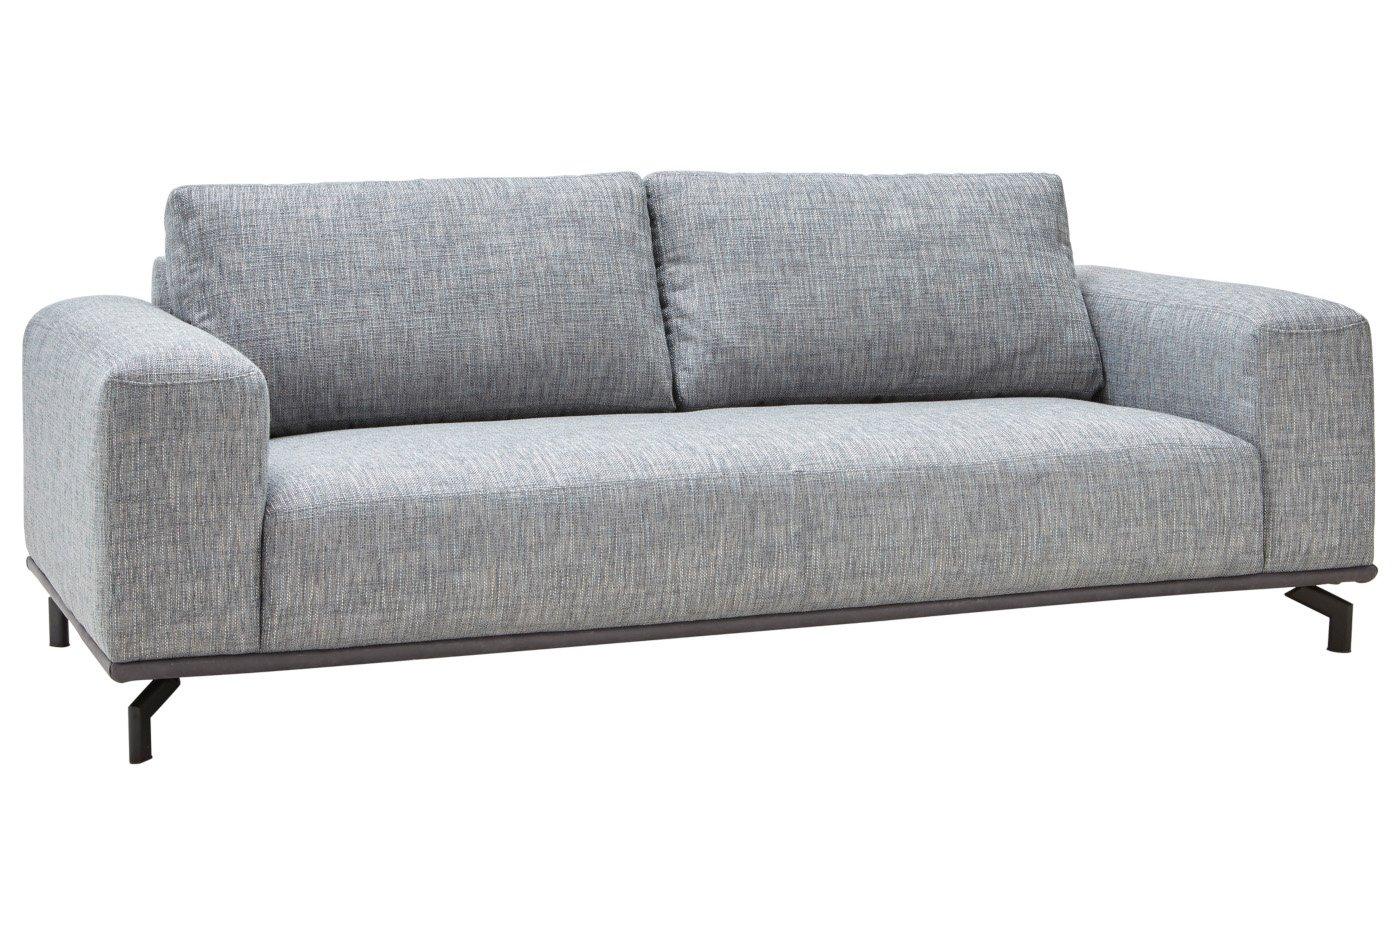 Full Size of Graues Stoff Sofa Sofas Grau Kaufen Chesterfield Meliert Reinigen 3er Ikea Big Grober Gebraucht Couch Schlaffunktion Grauer Inhofer Hersteller Cassina Sofa Sofa Stoff Grau